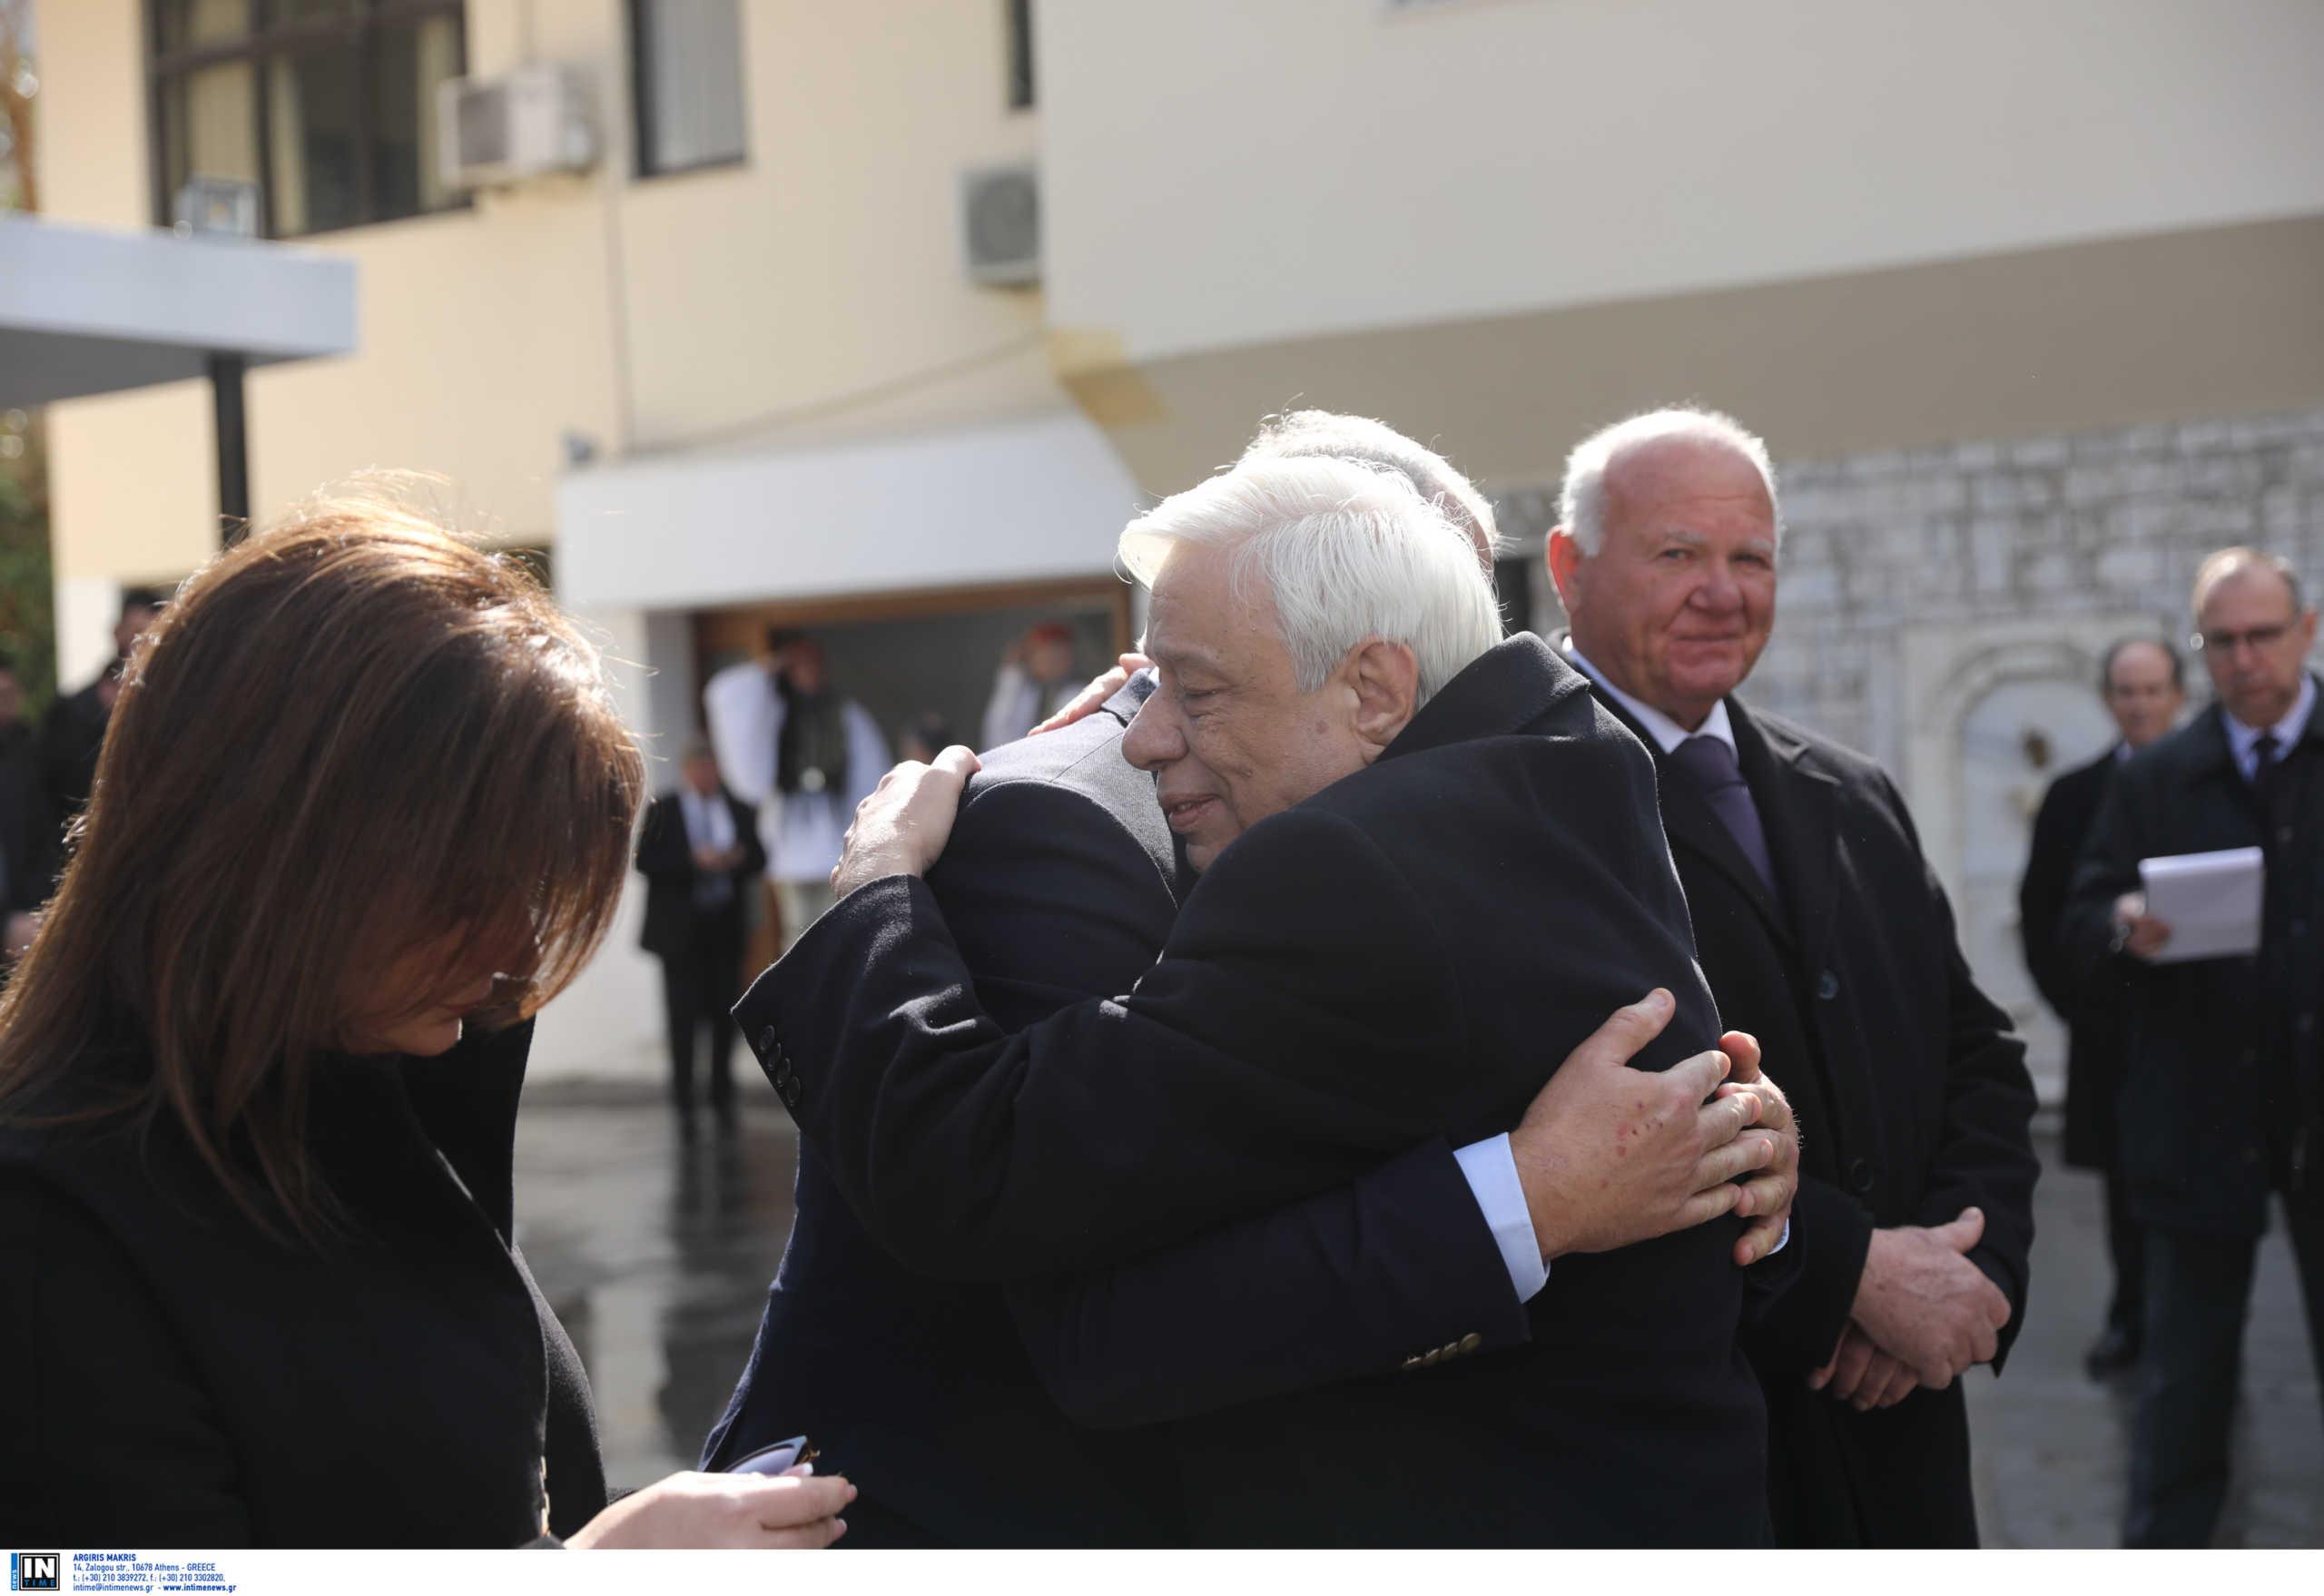 Ράγισαν καρδιές για τον αδικοχαμένο εύζωνα! Η συγκίνηση του Προέδρου της Δημοκρατίας